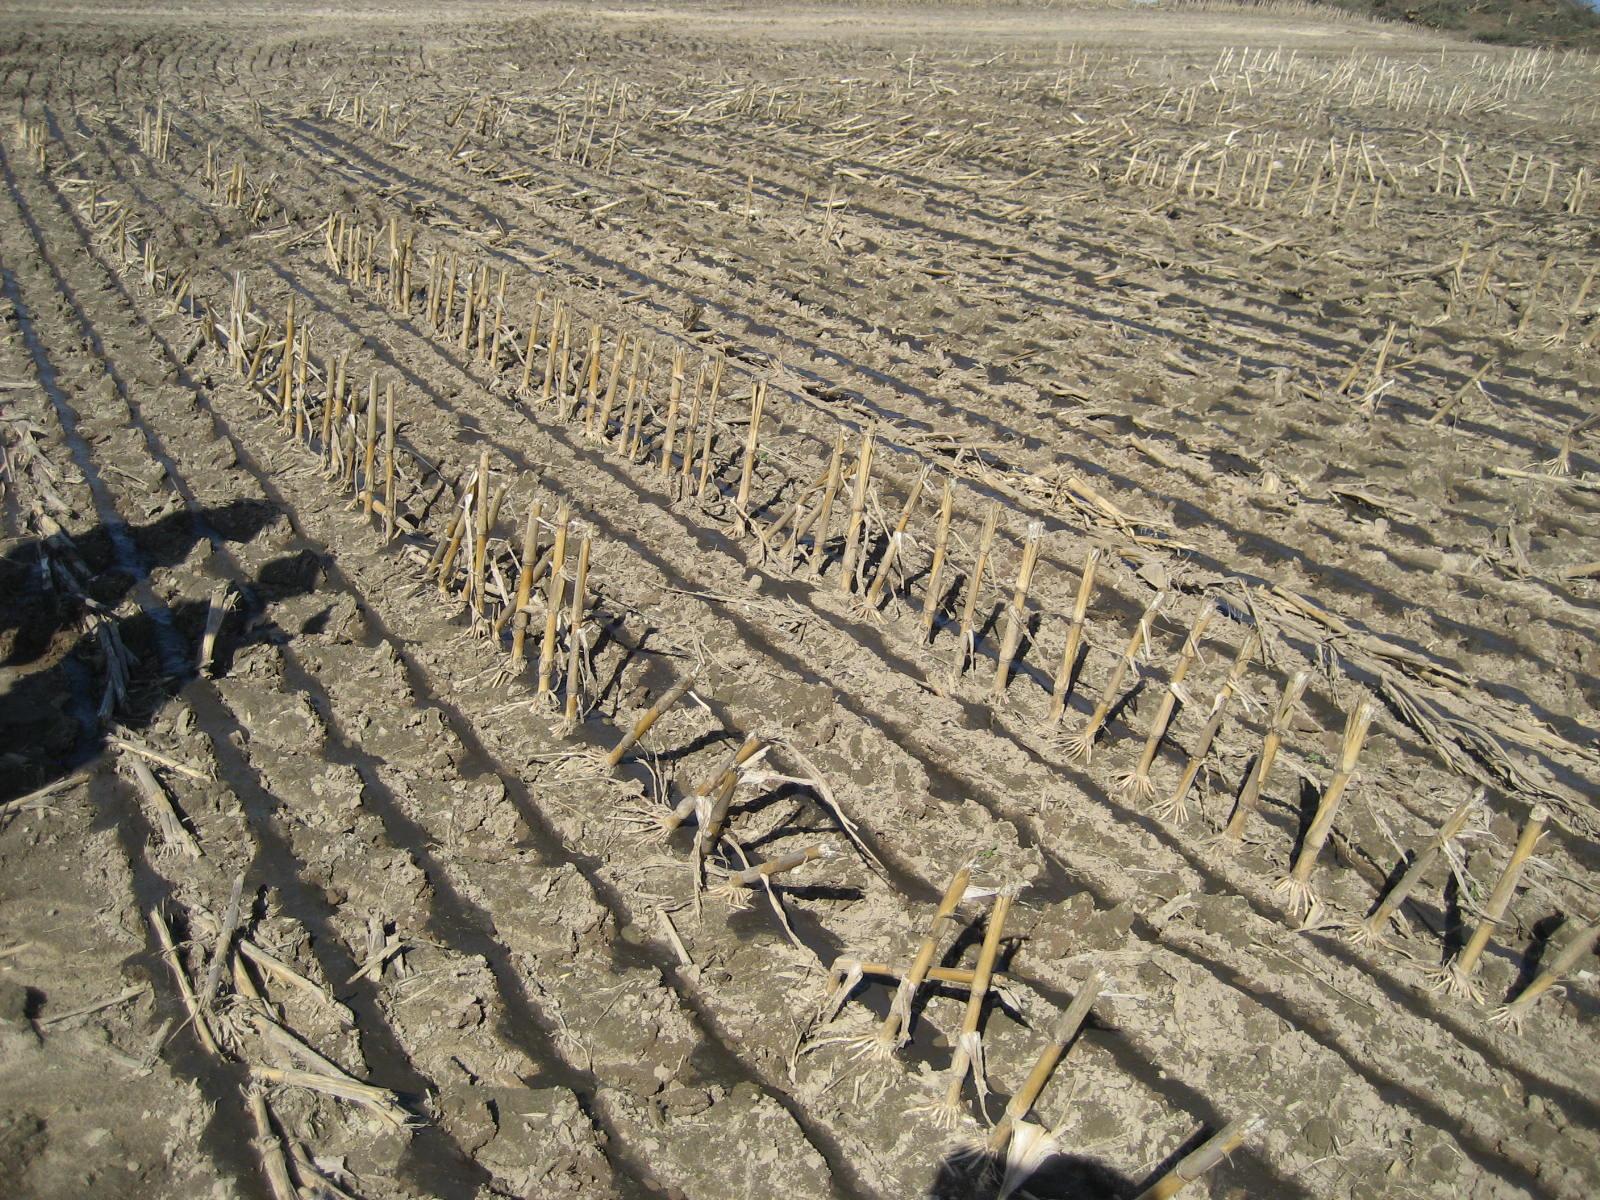 Bomech nedfældning på dortjord